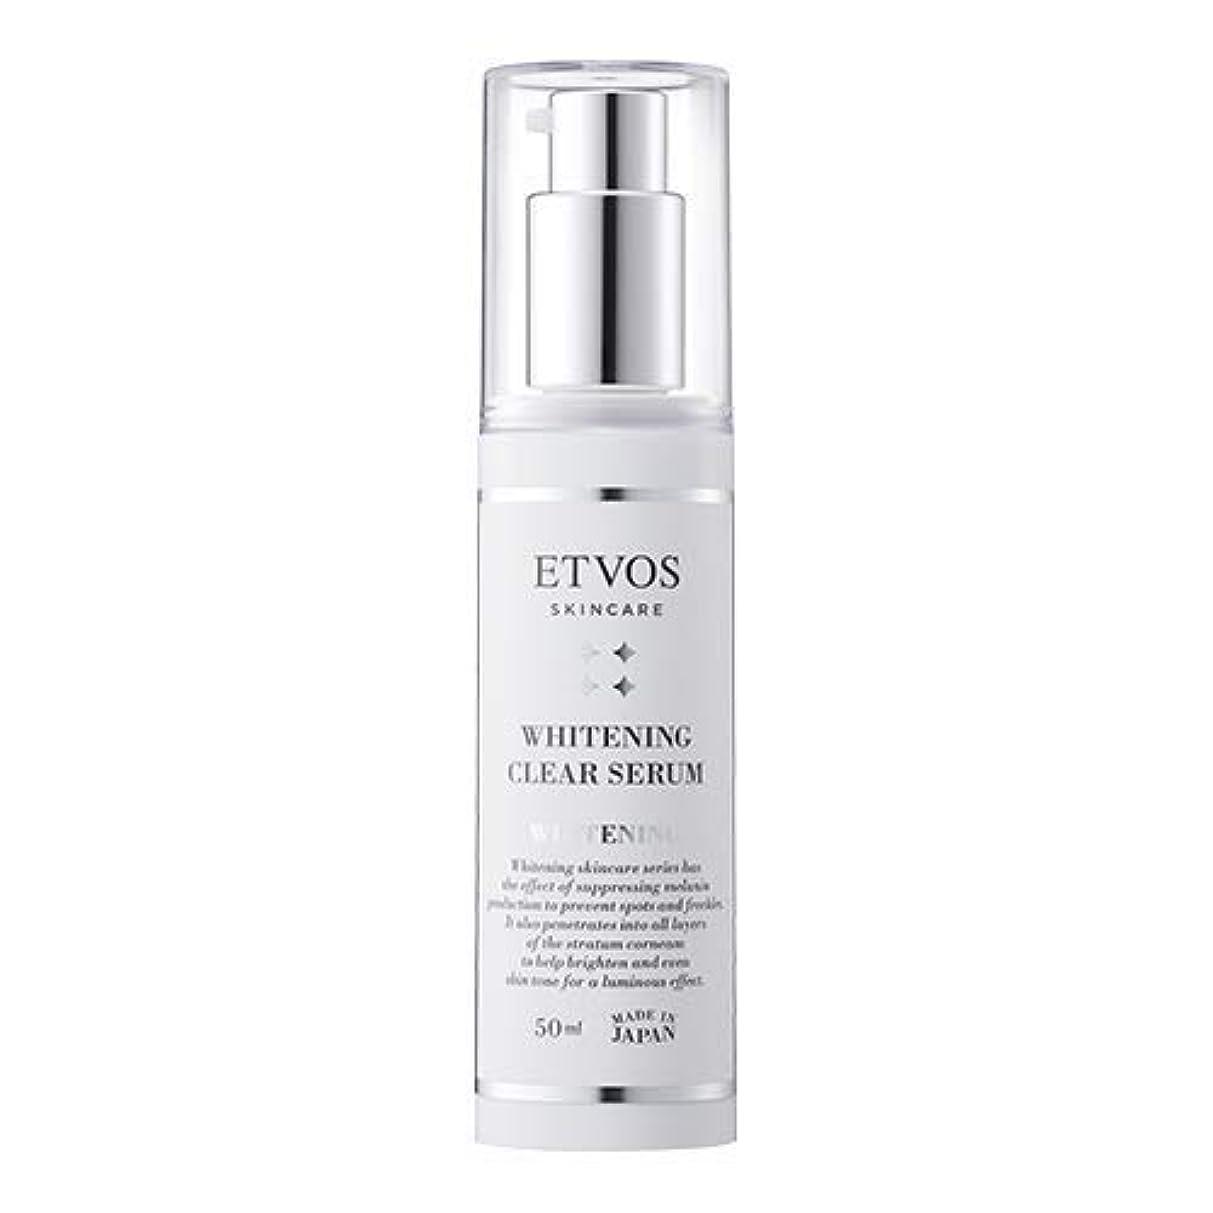 現象狂ったマティスETVOS(エトヴォス) 美白美容液 薬用ホワイトニングクリアセラム 50ml [医薬部外品] 敏感肌 トラネキサム酸